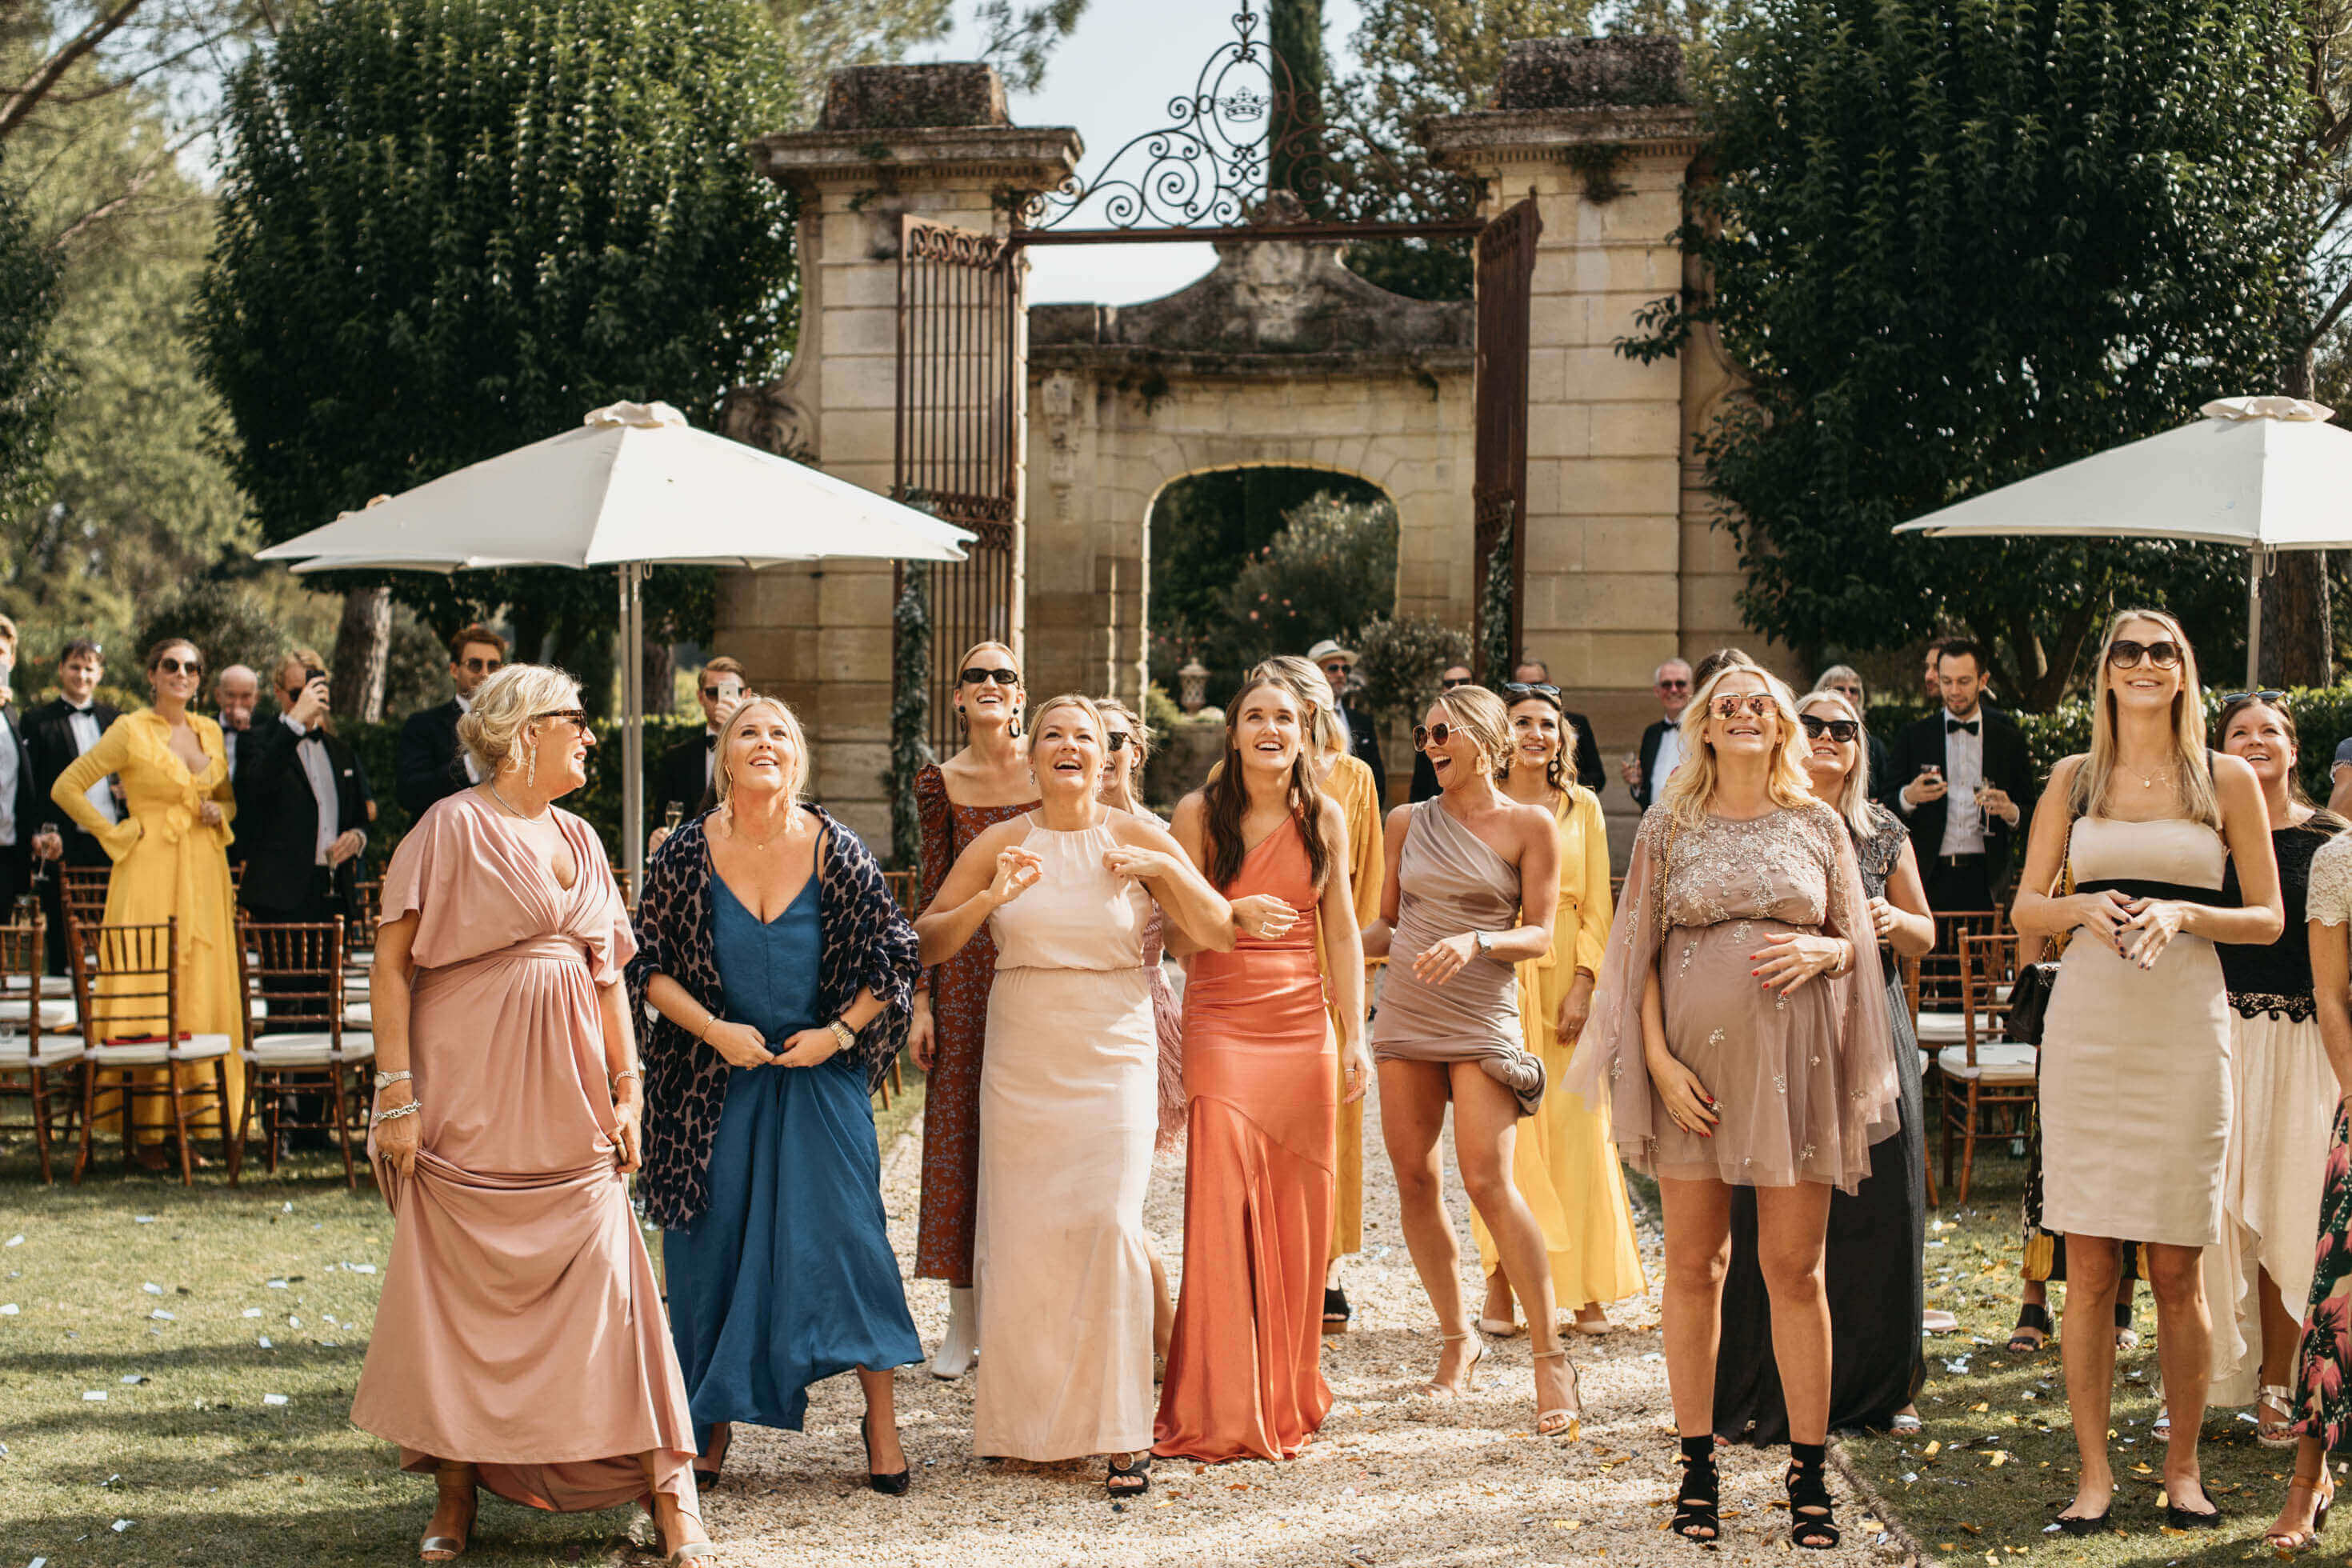 4 perfekta outfits att bära på bröllop i sommar Her Hour